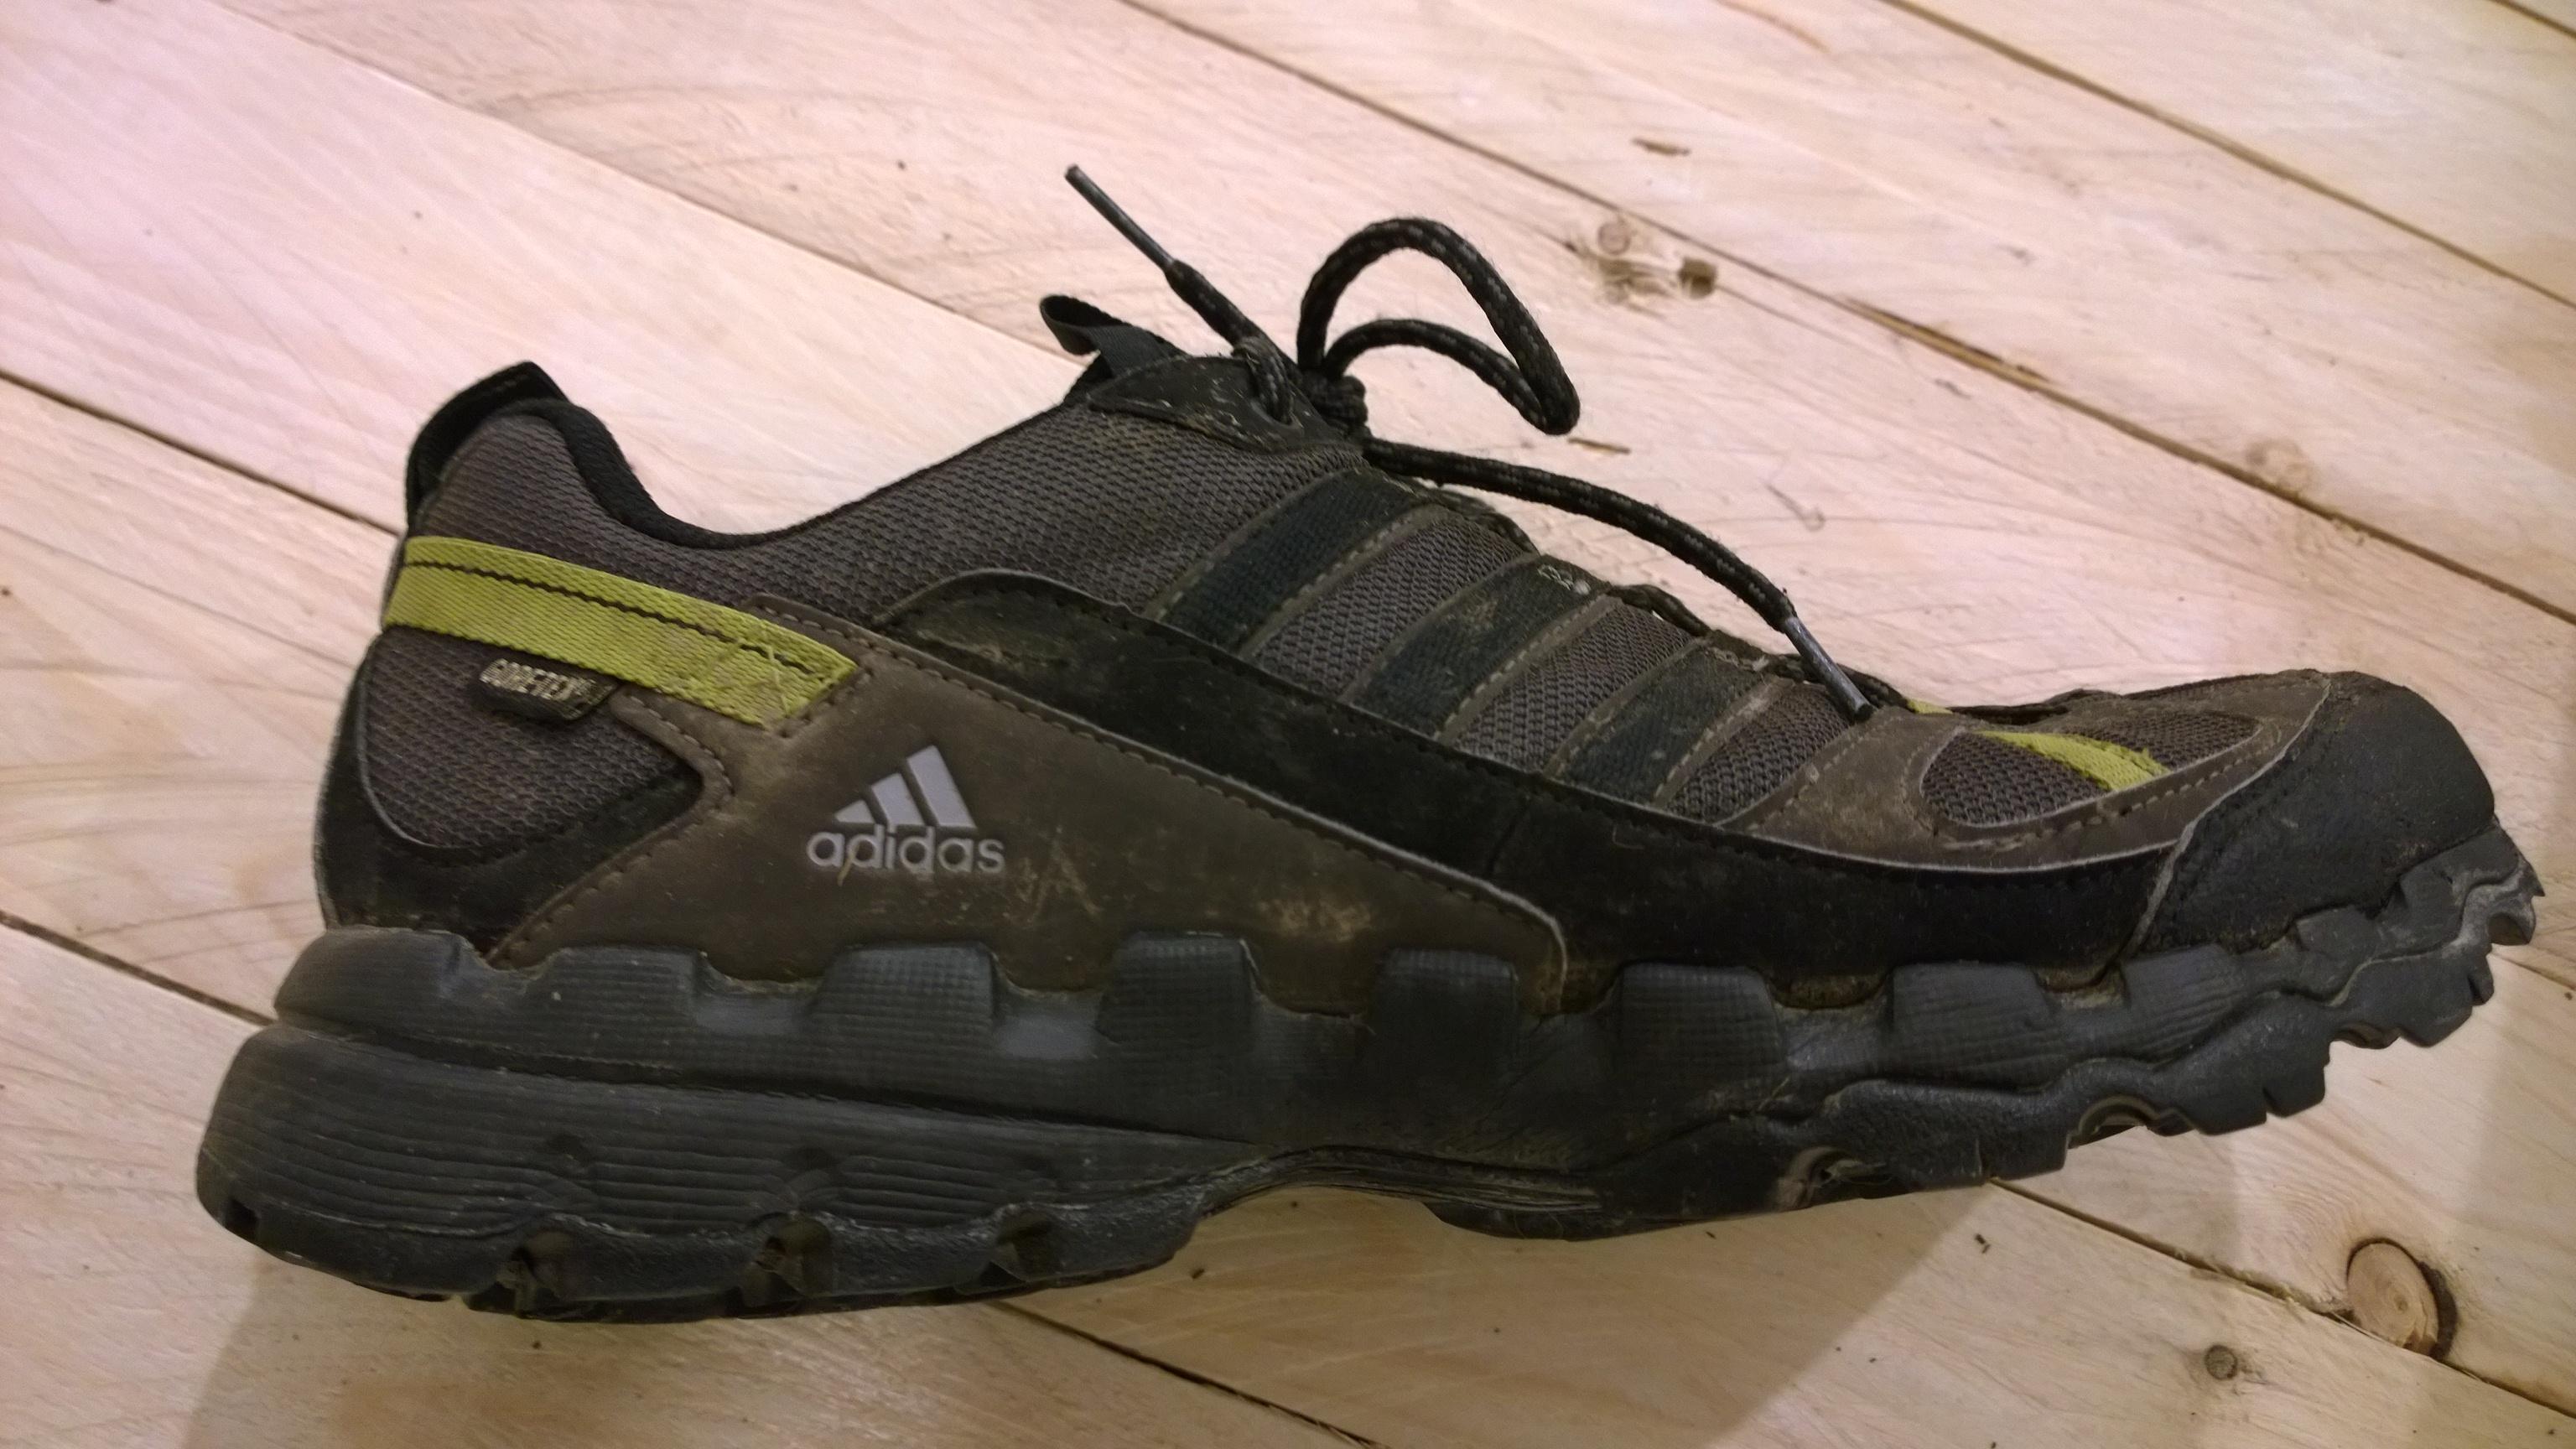 adidas ax 1 gtx. Ich výstupky na podrážke pozostávajú z dvoch až troch rozlične tvrdých gúm.